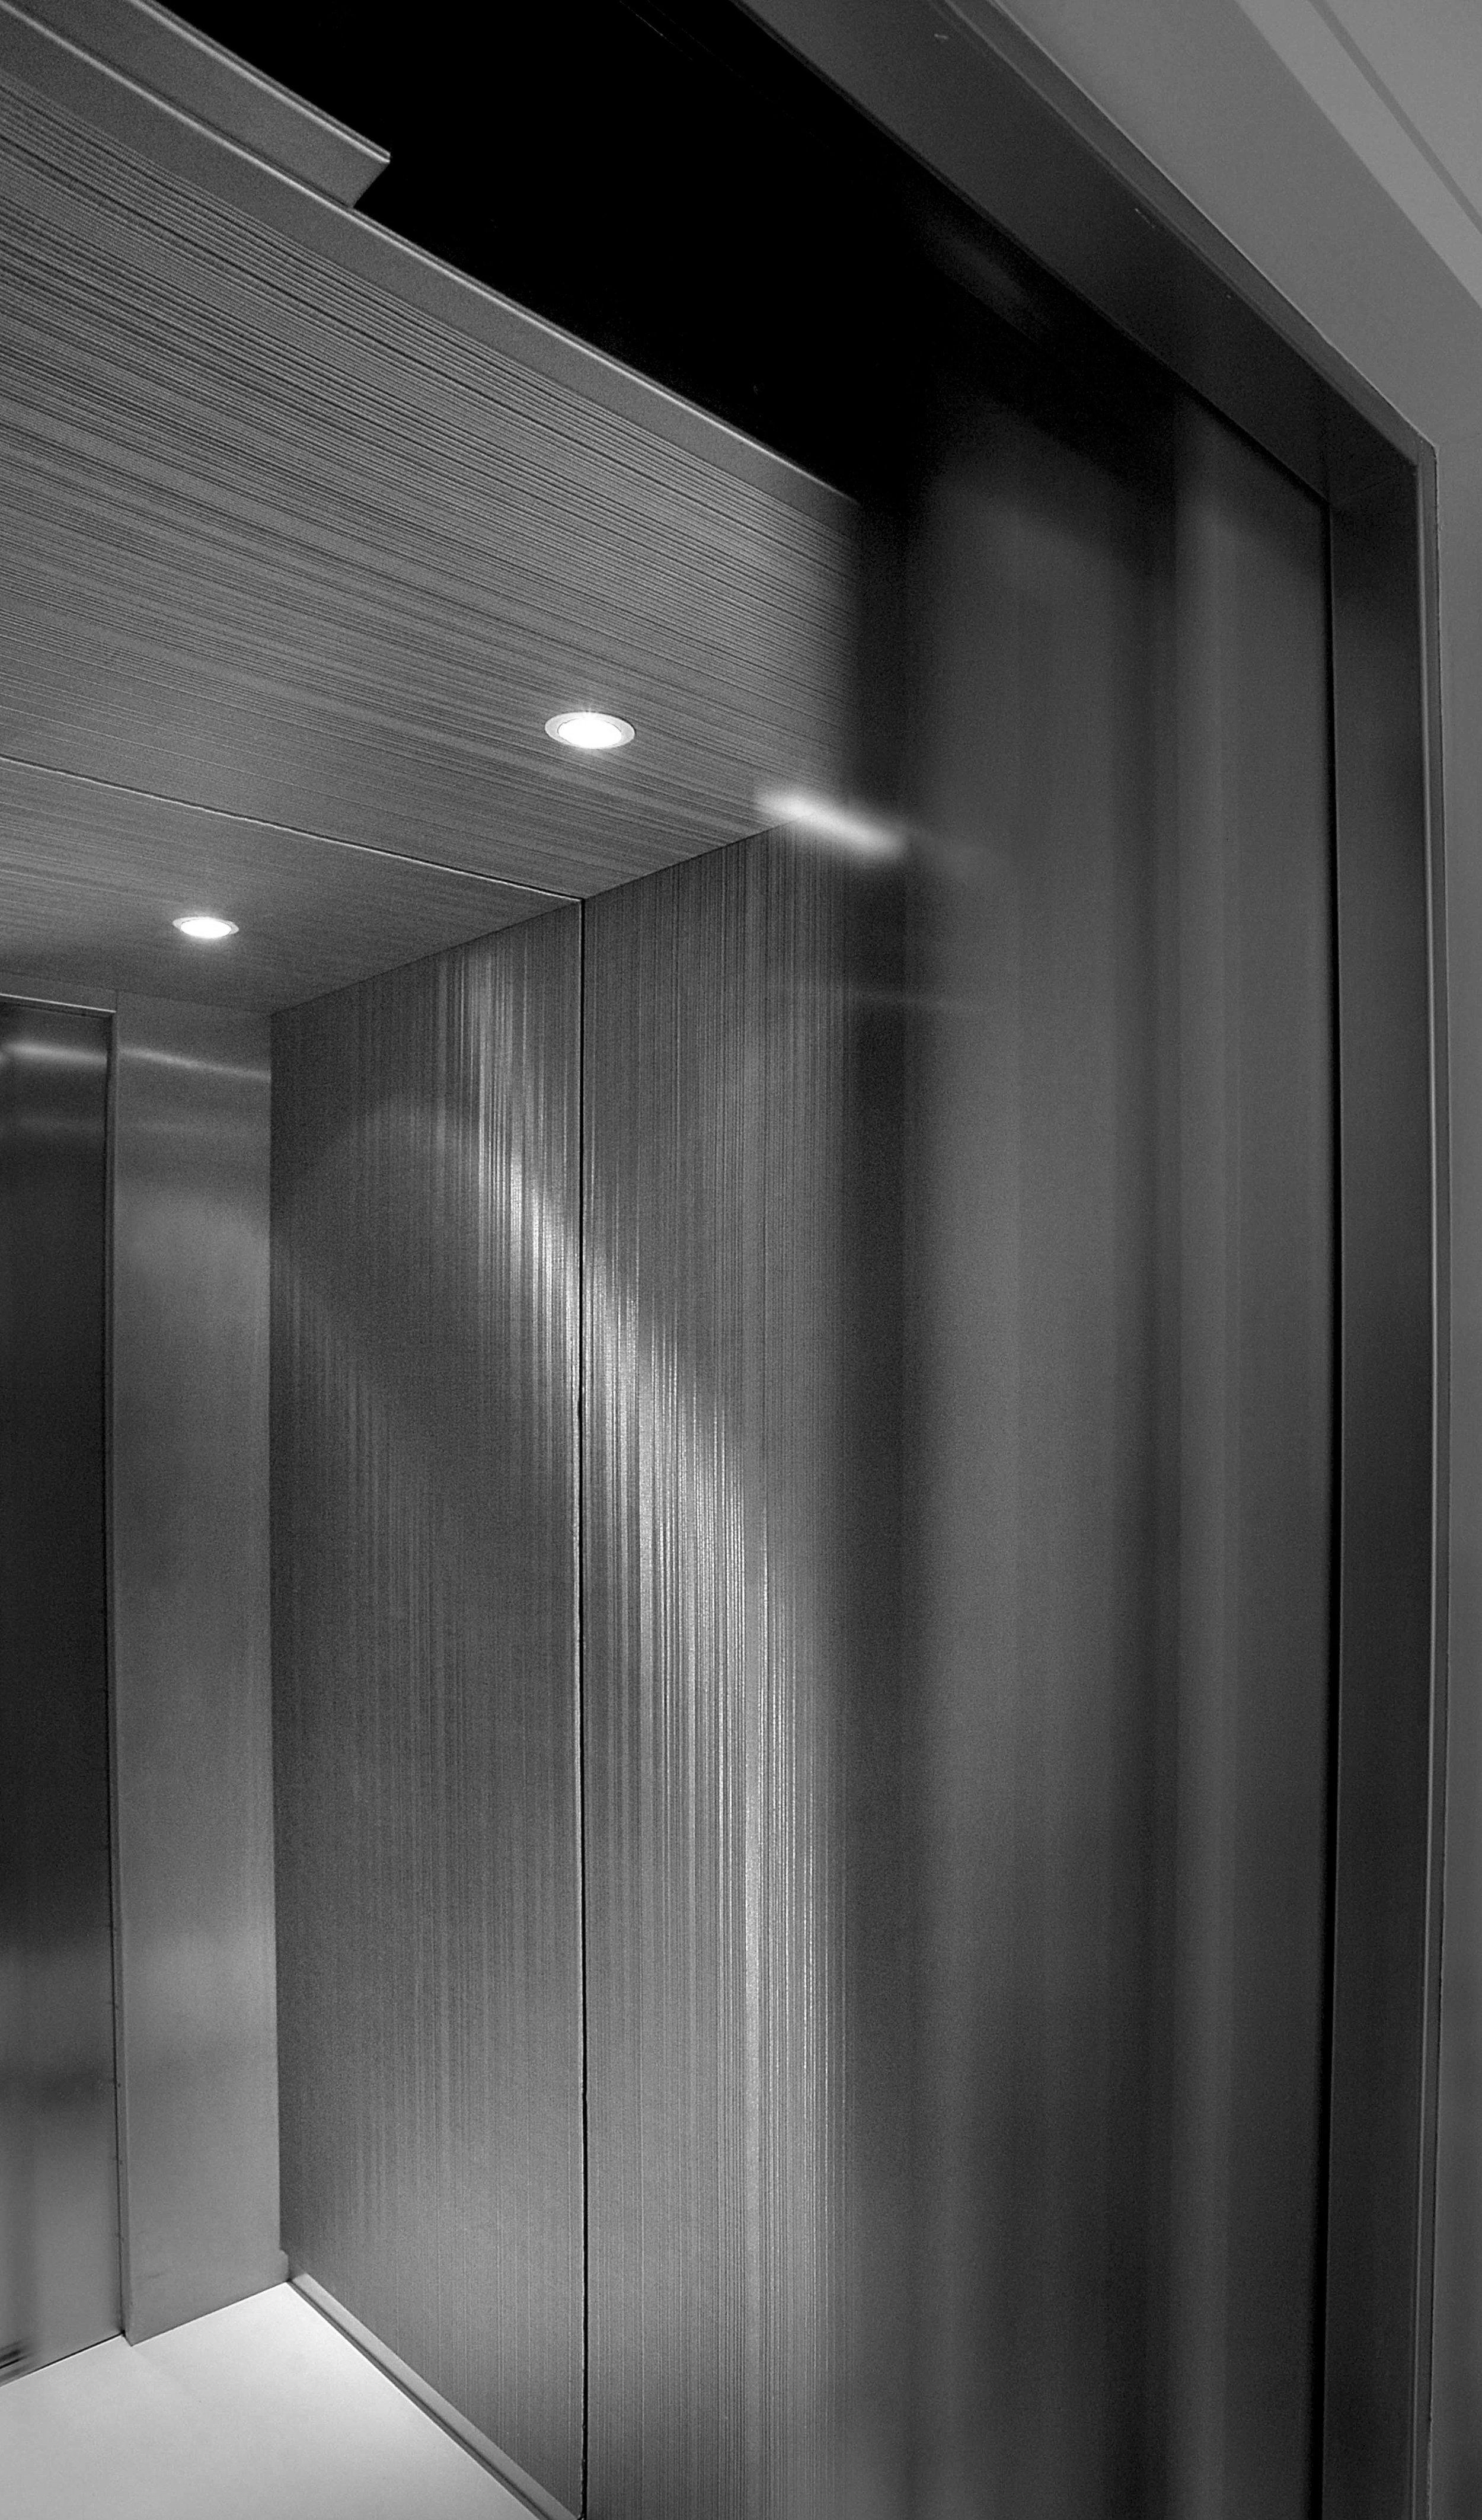 PARIS_PRIVATE_ELEVATOR_5.jpg